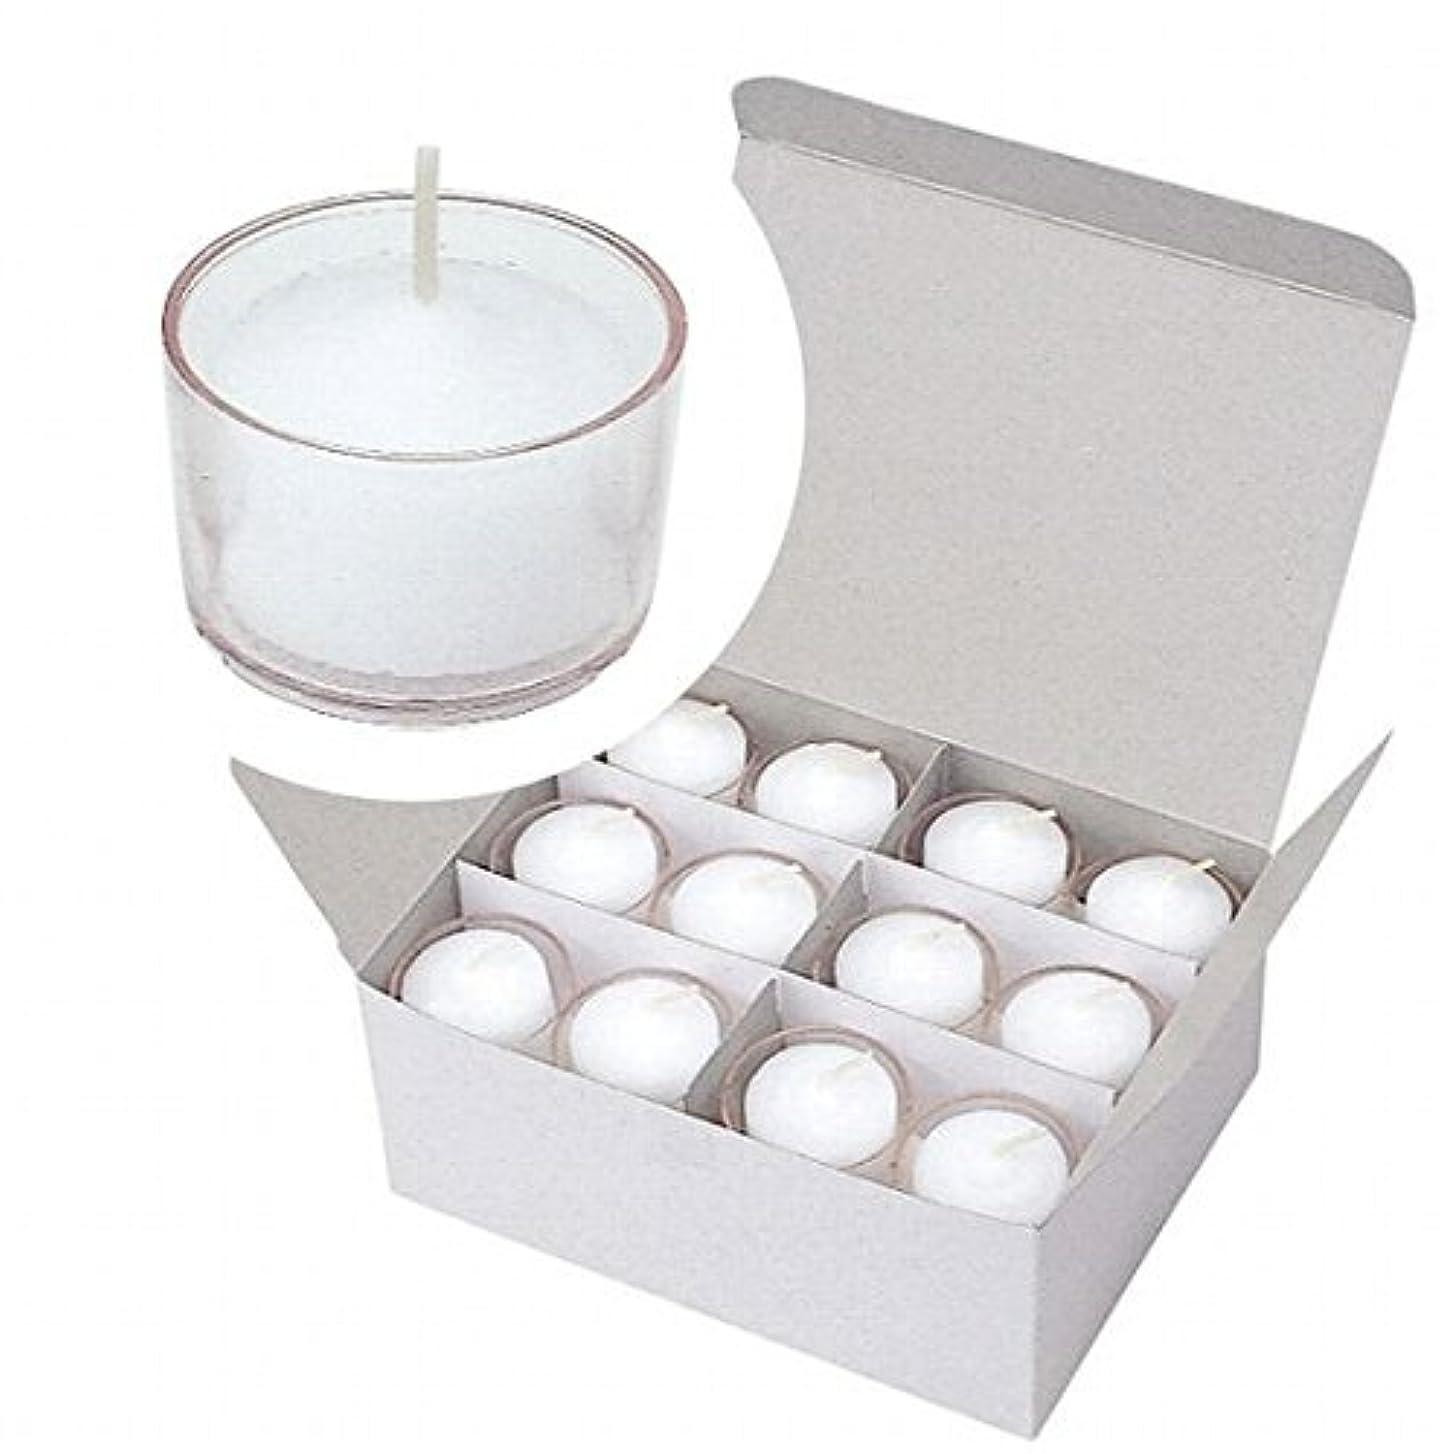 ファンタジー契約する柔らかい足カメヤマキャンドル(kameyama candle) クリアカップボーティブ4時間タイプ 24個入り 「 クリア 」